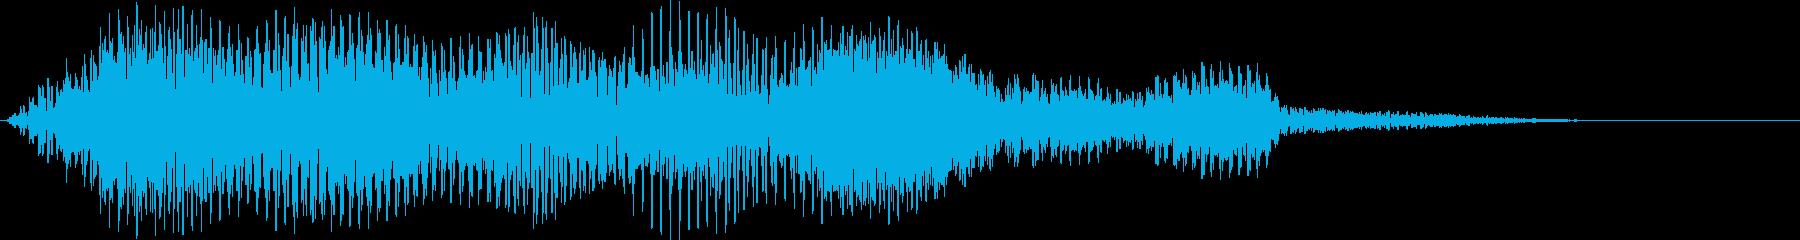 ホラー・サスペンス用音源の再生済みの波形